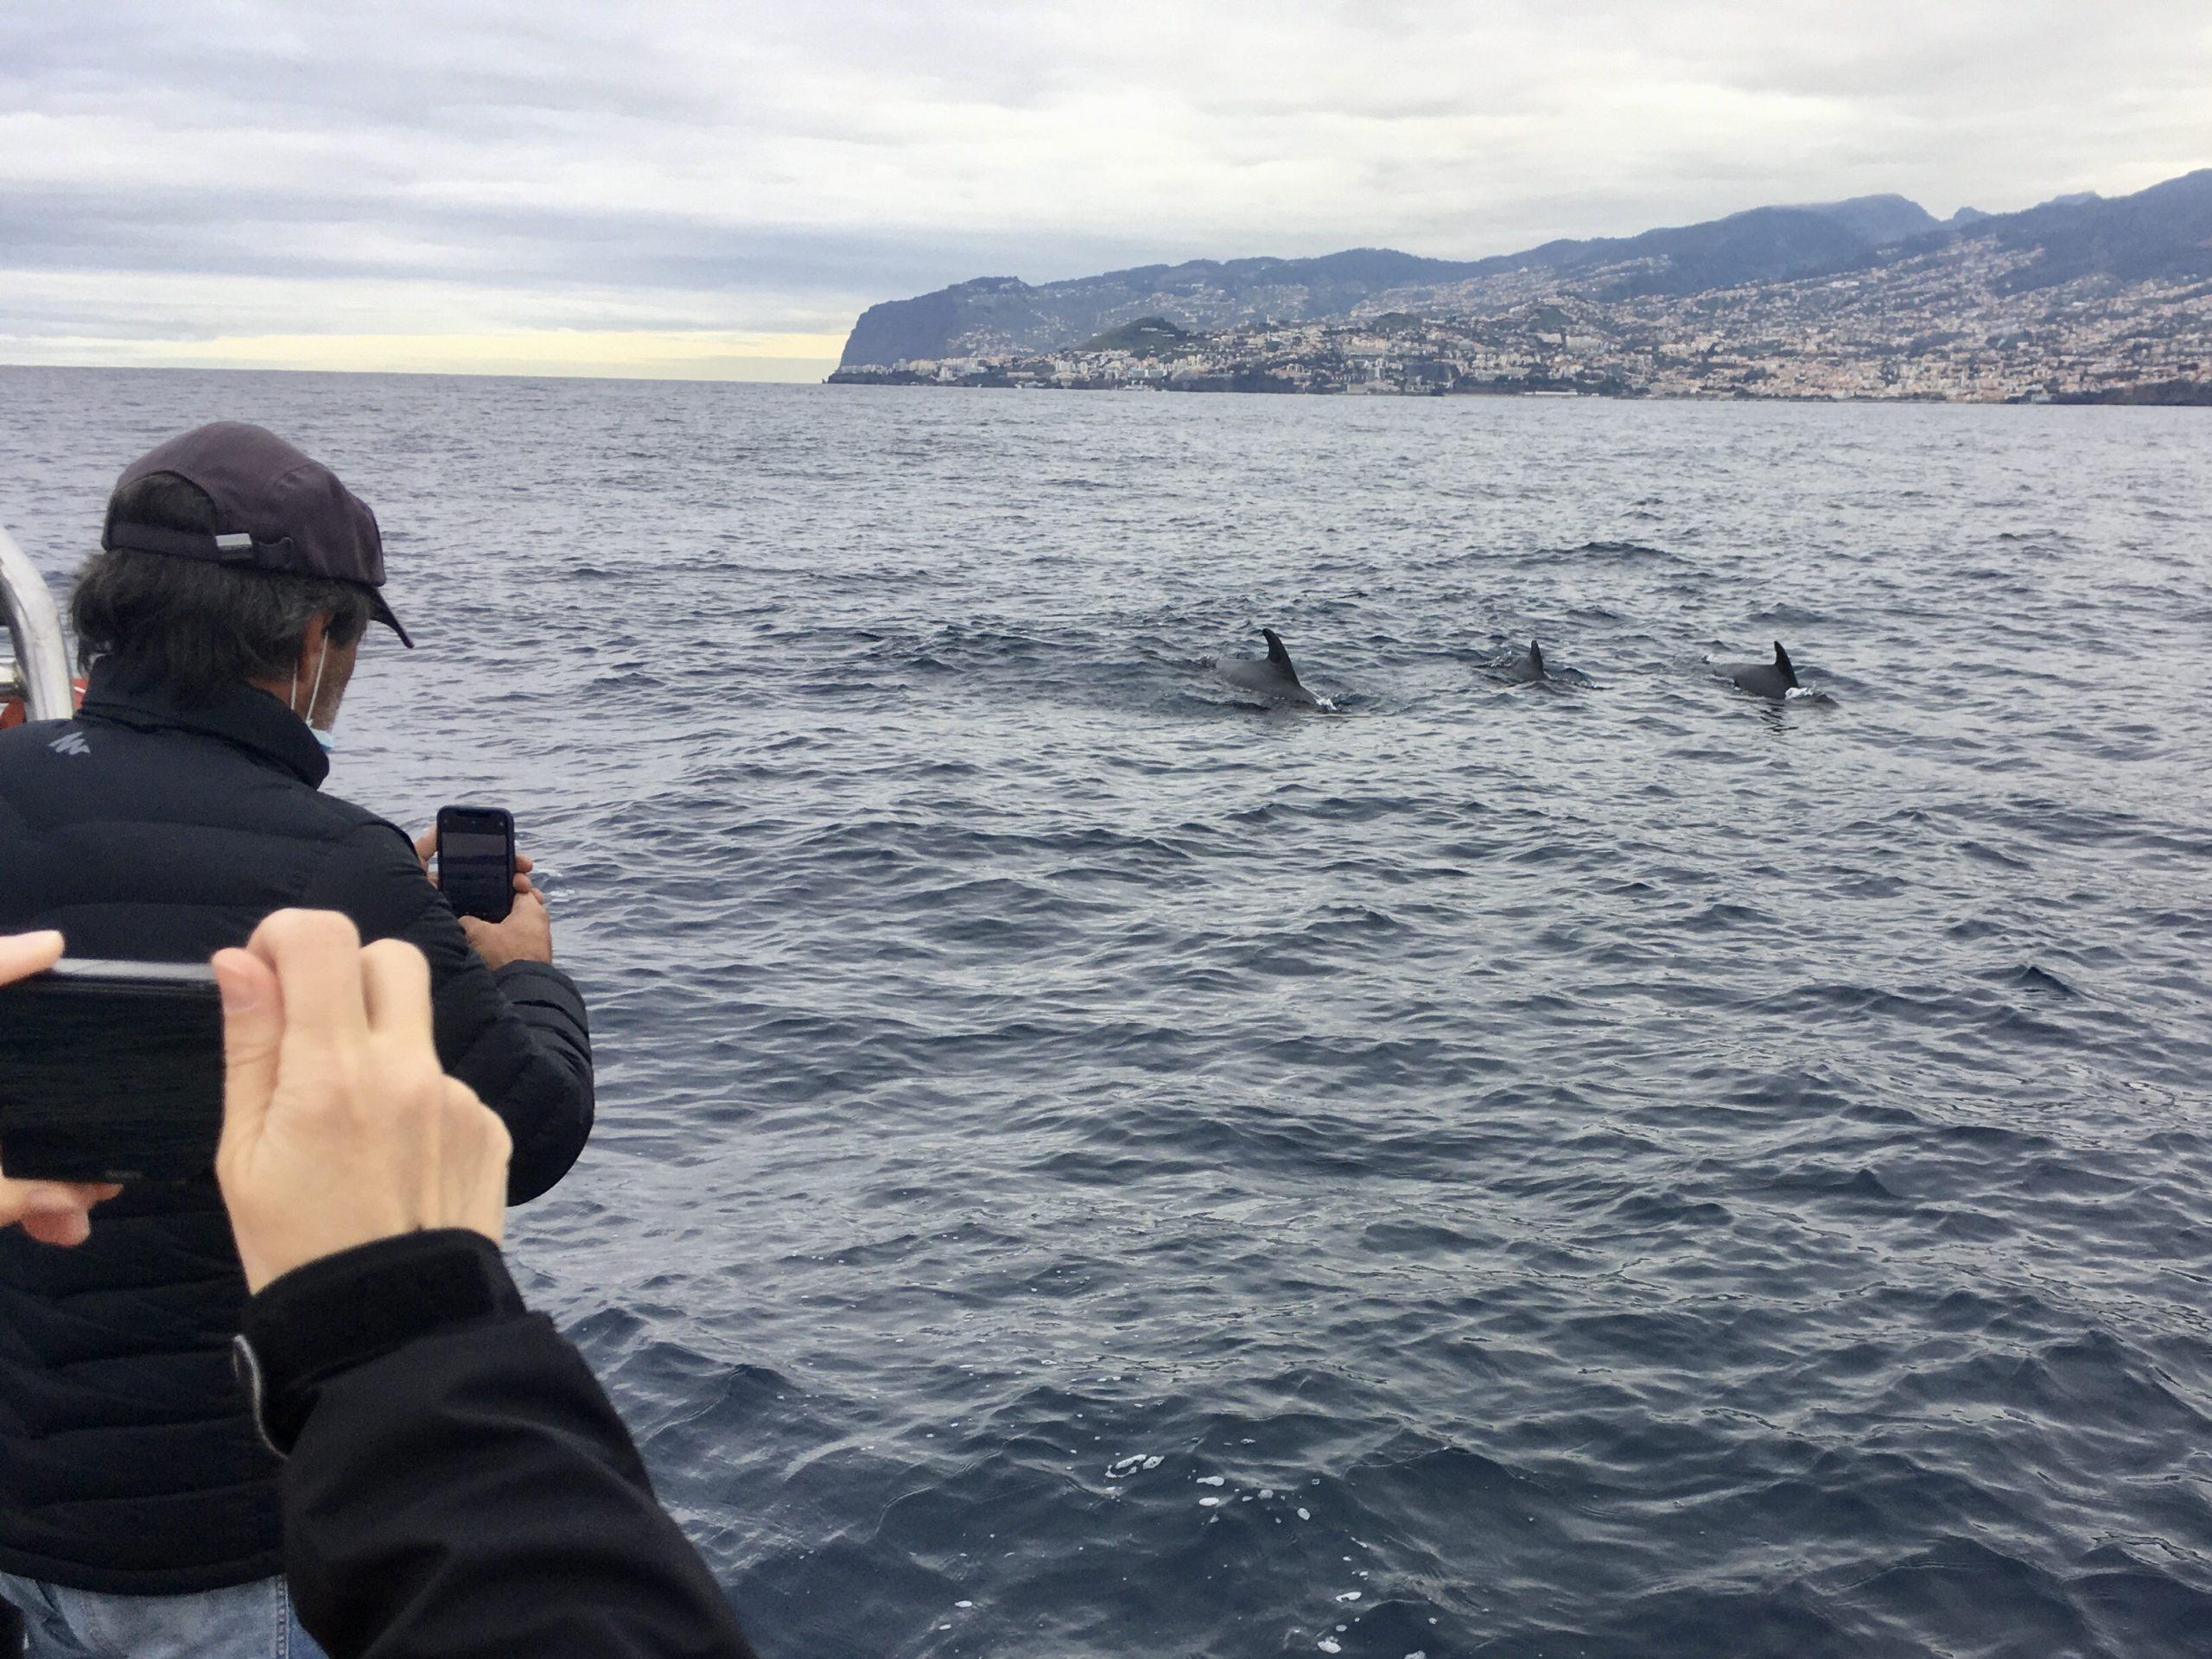 Delfiny można obserwować naprawdę z bliska